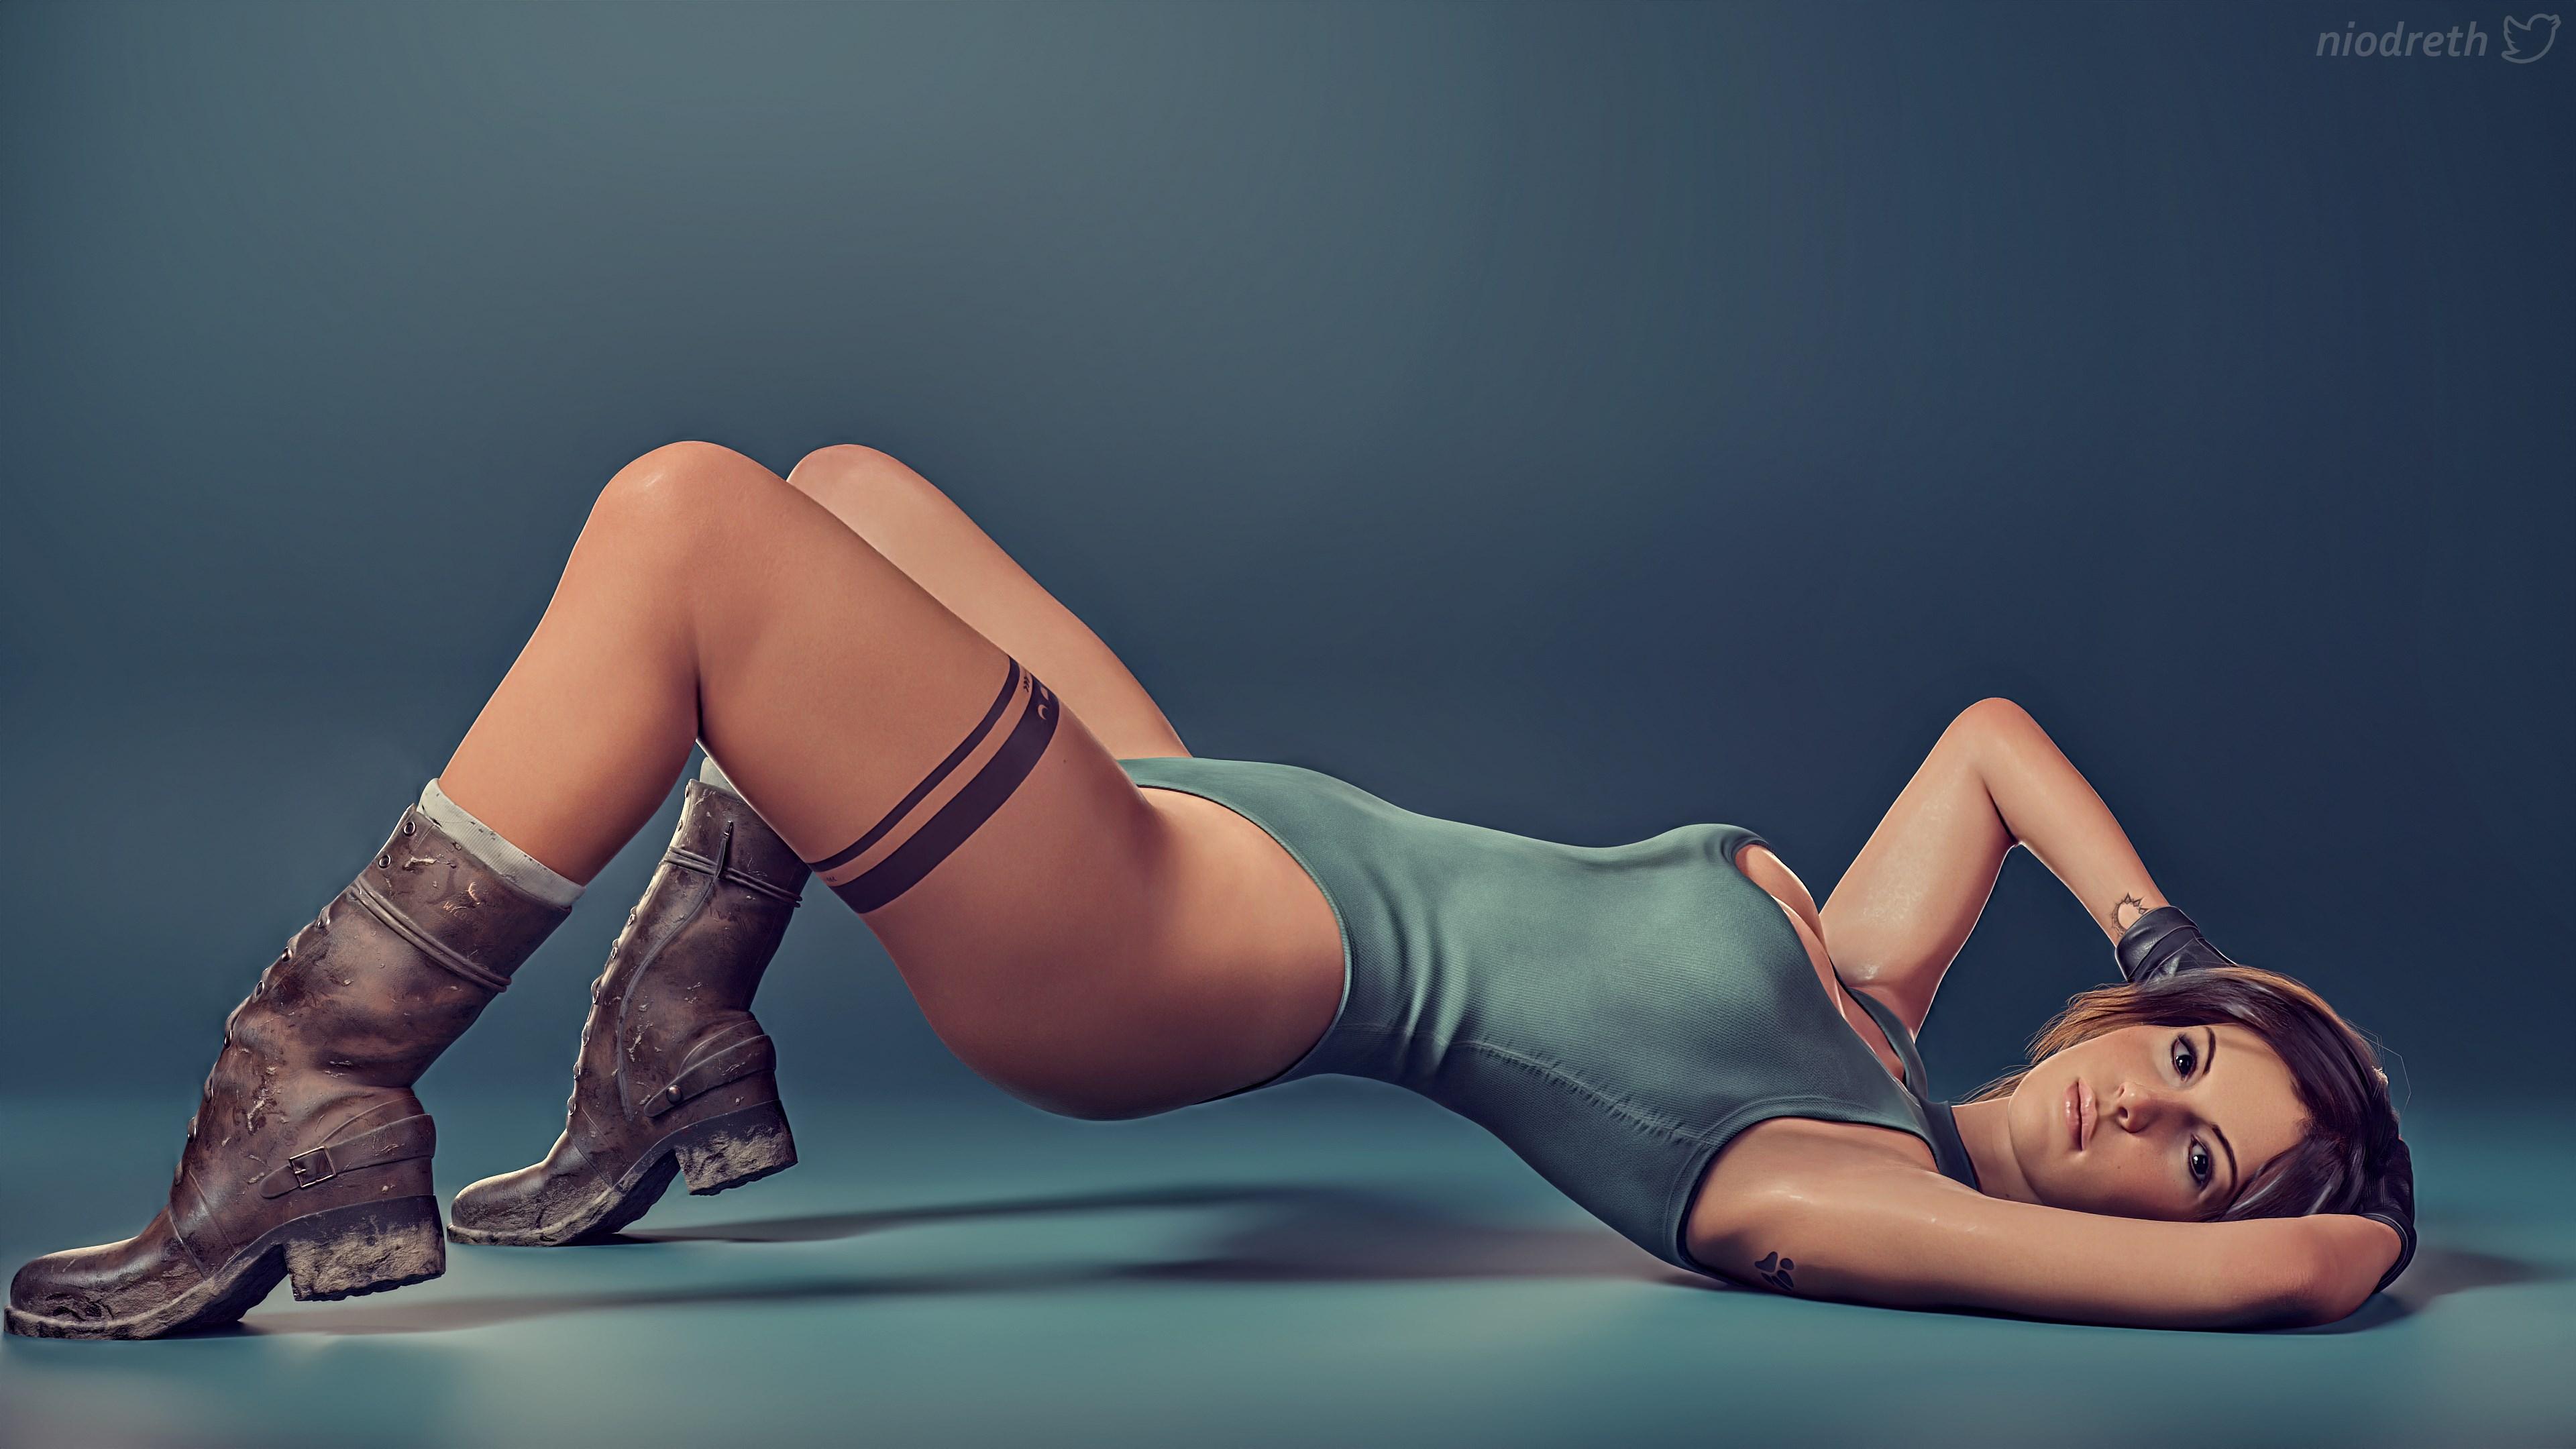 Lara Croft - OverSexy